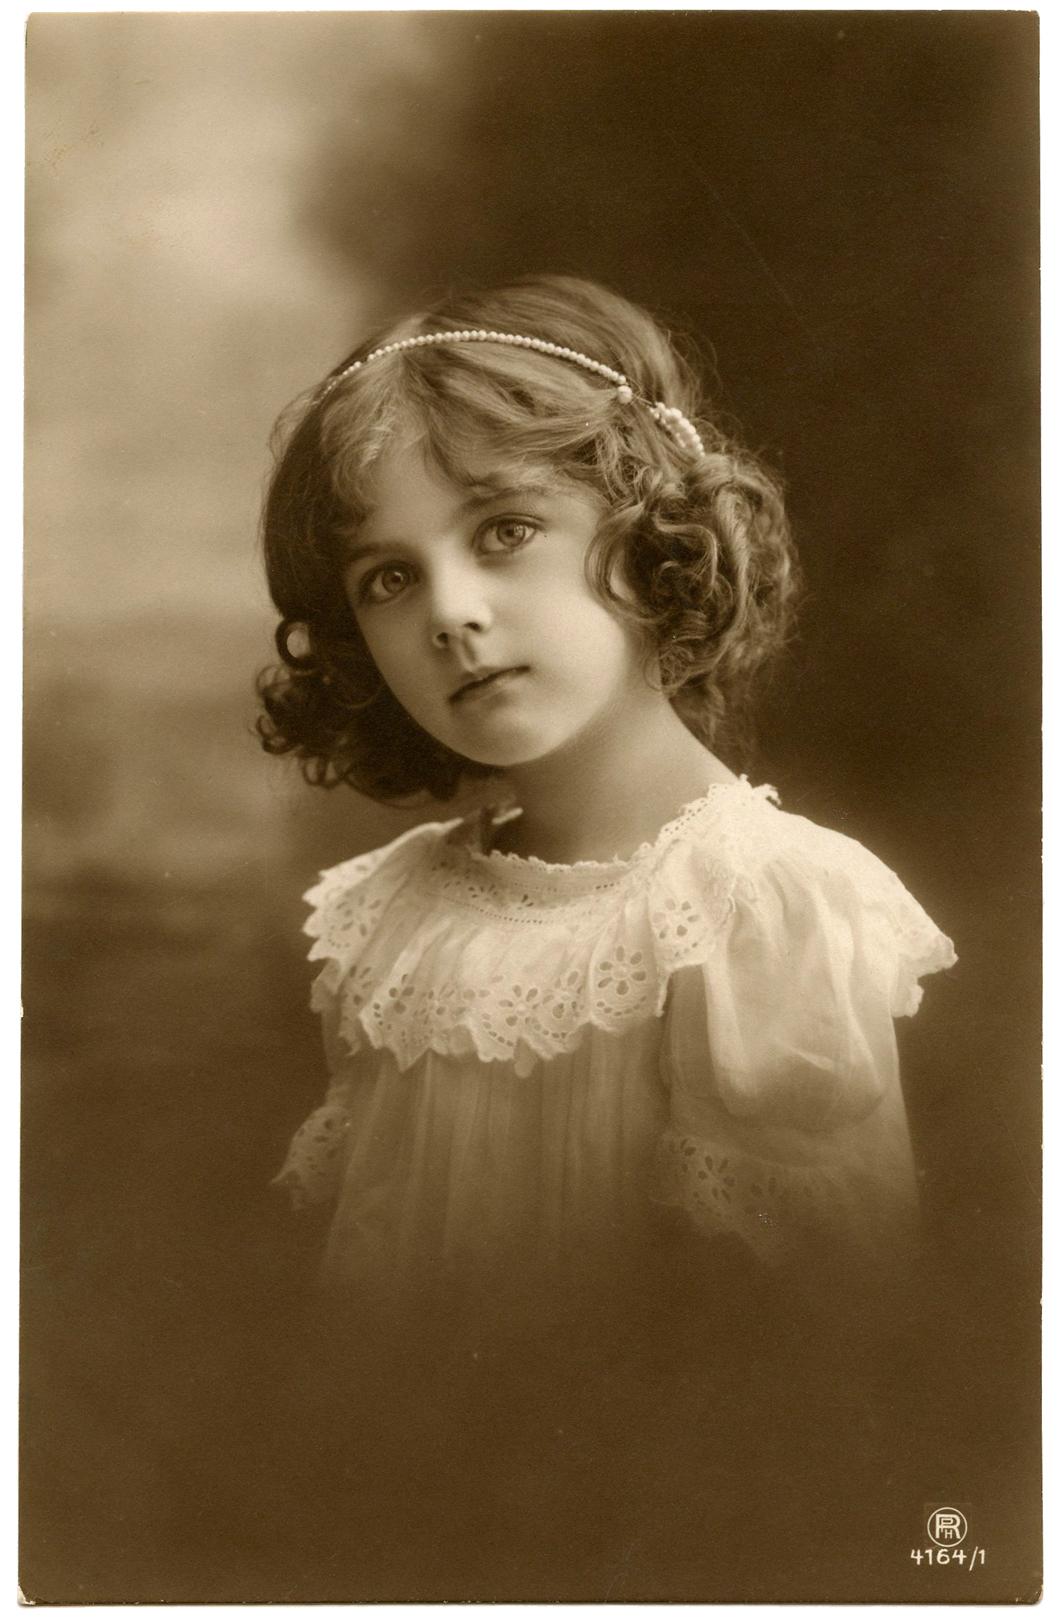 Pretty Antique Child Photo!